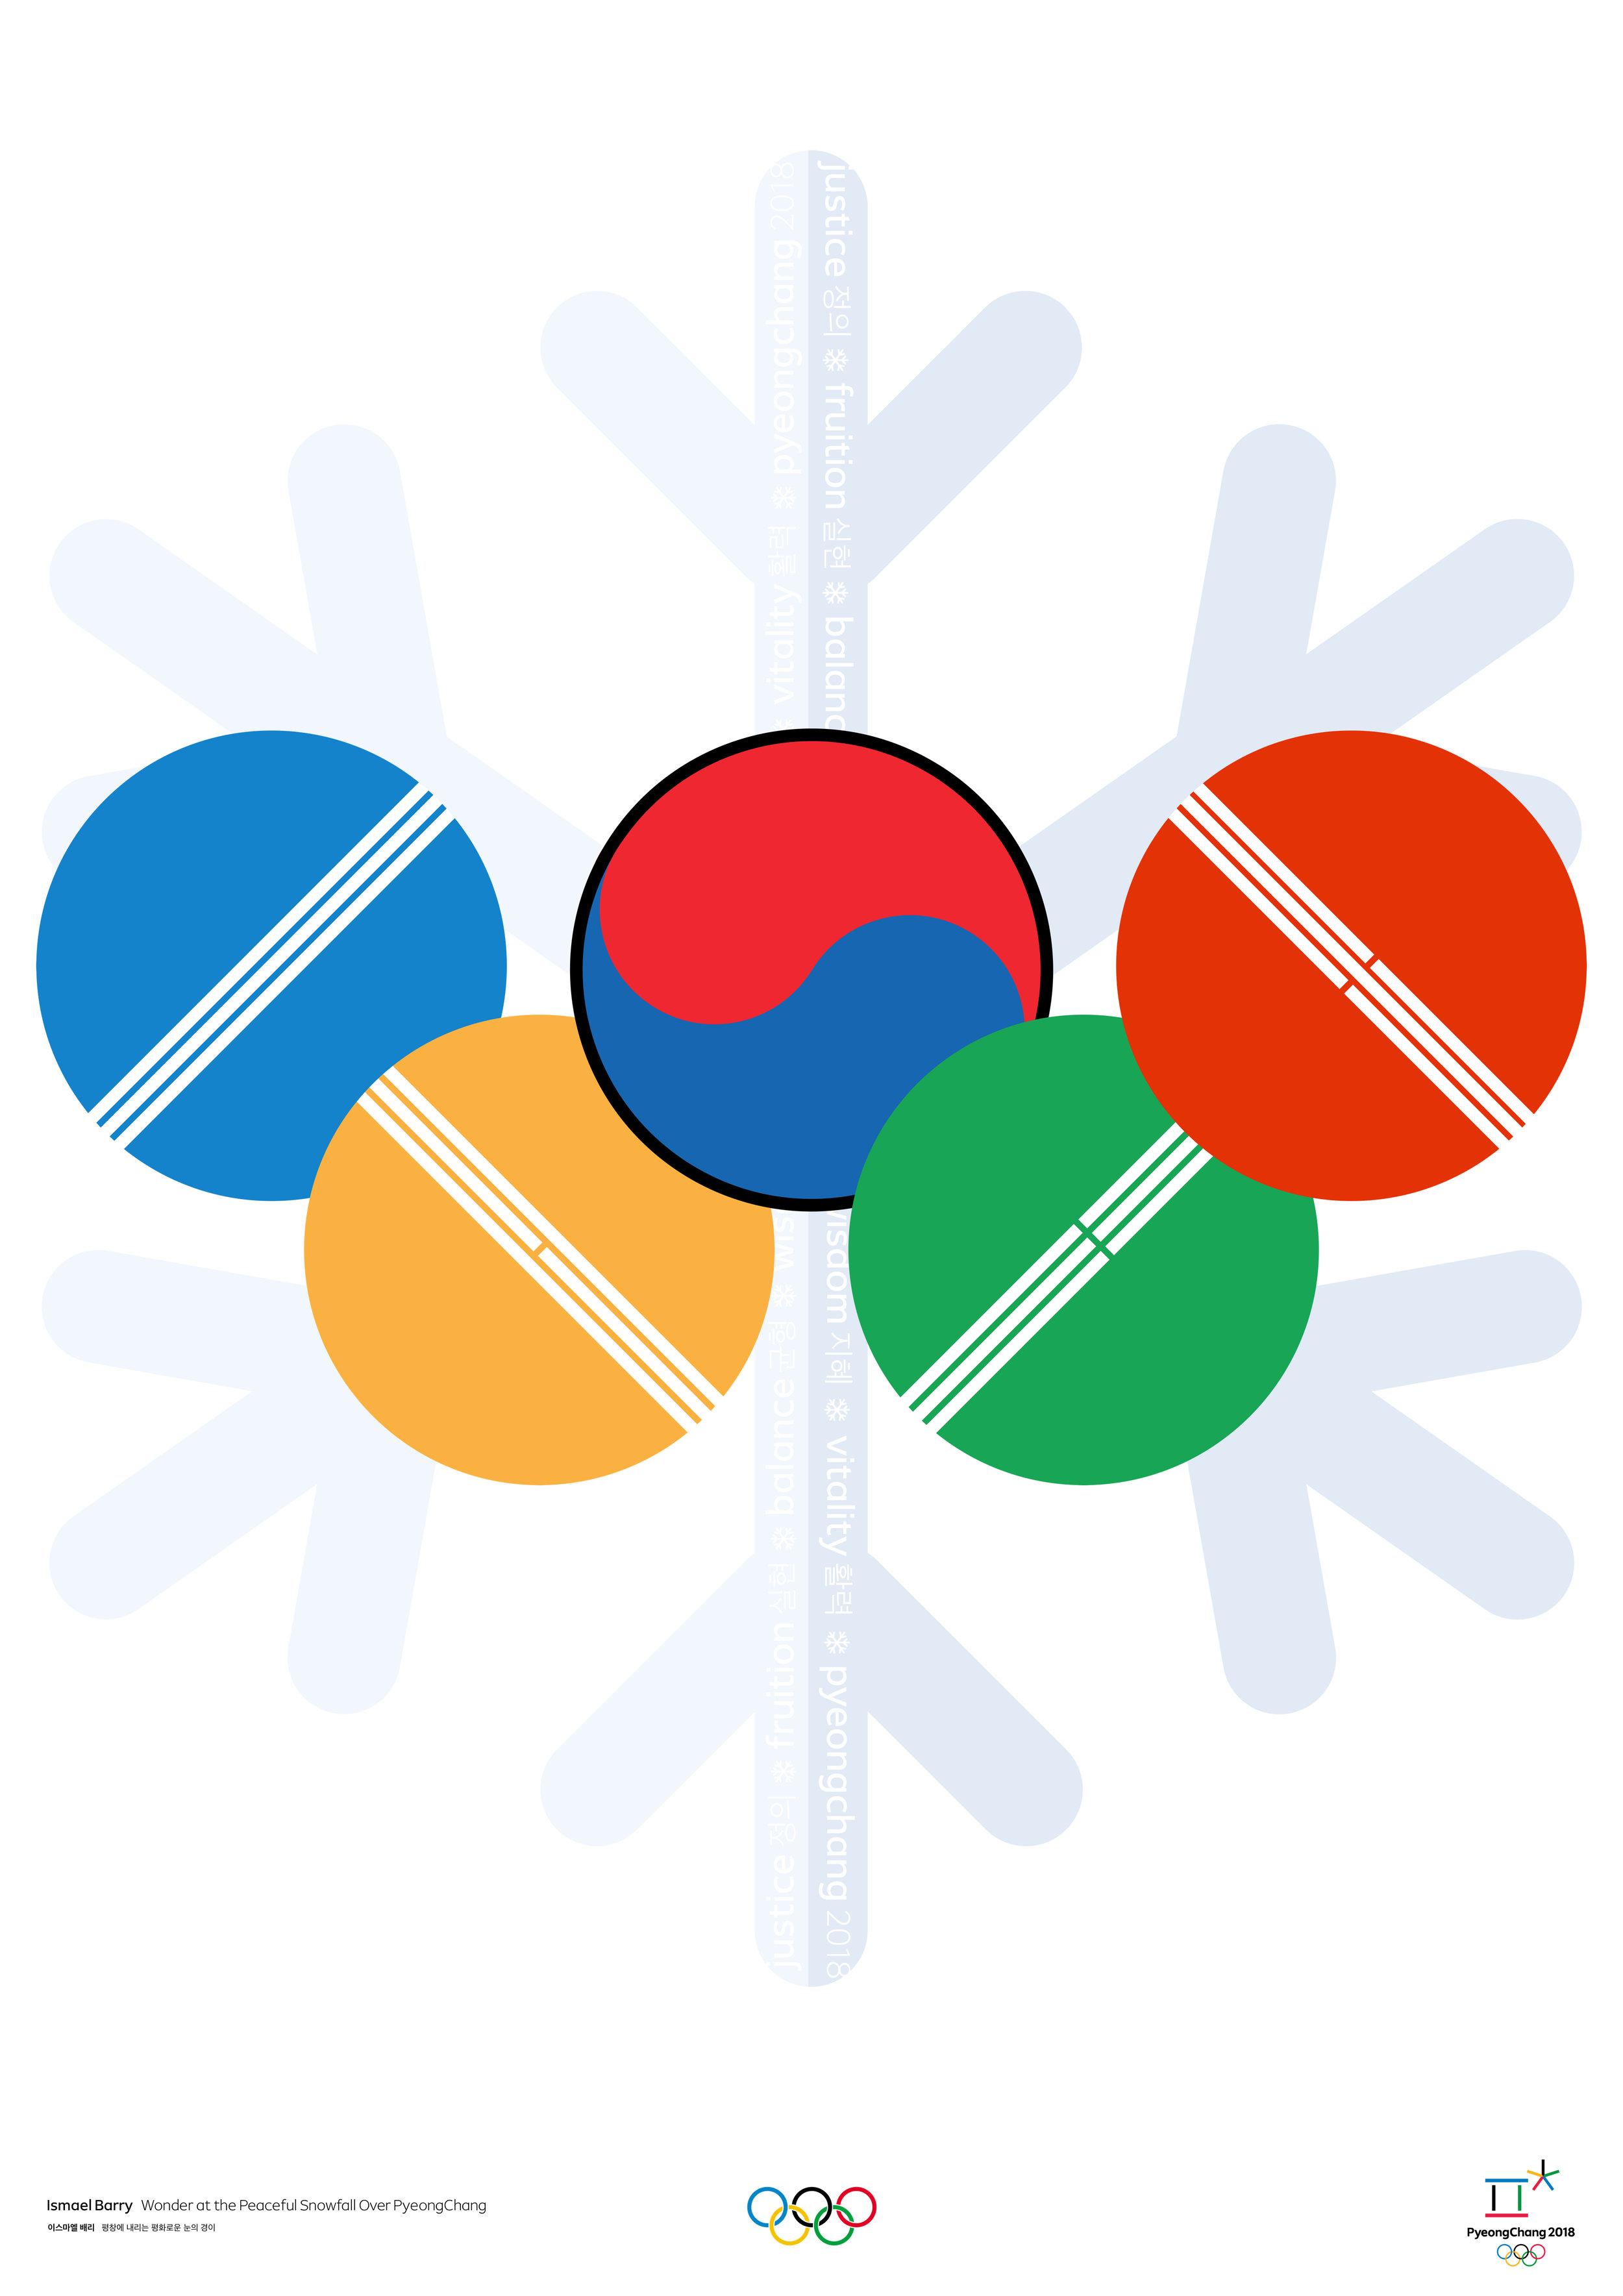 Wonder at the Peaceful Snowfall Over PyeongChang